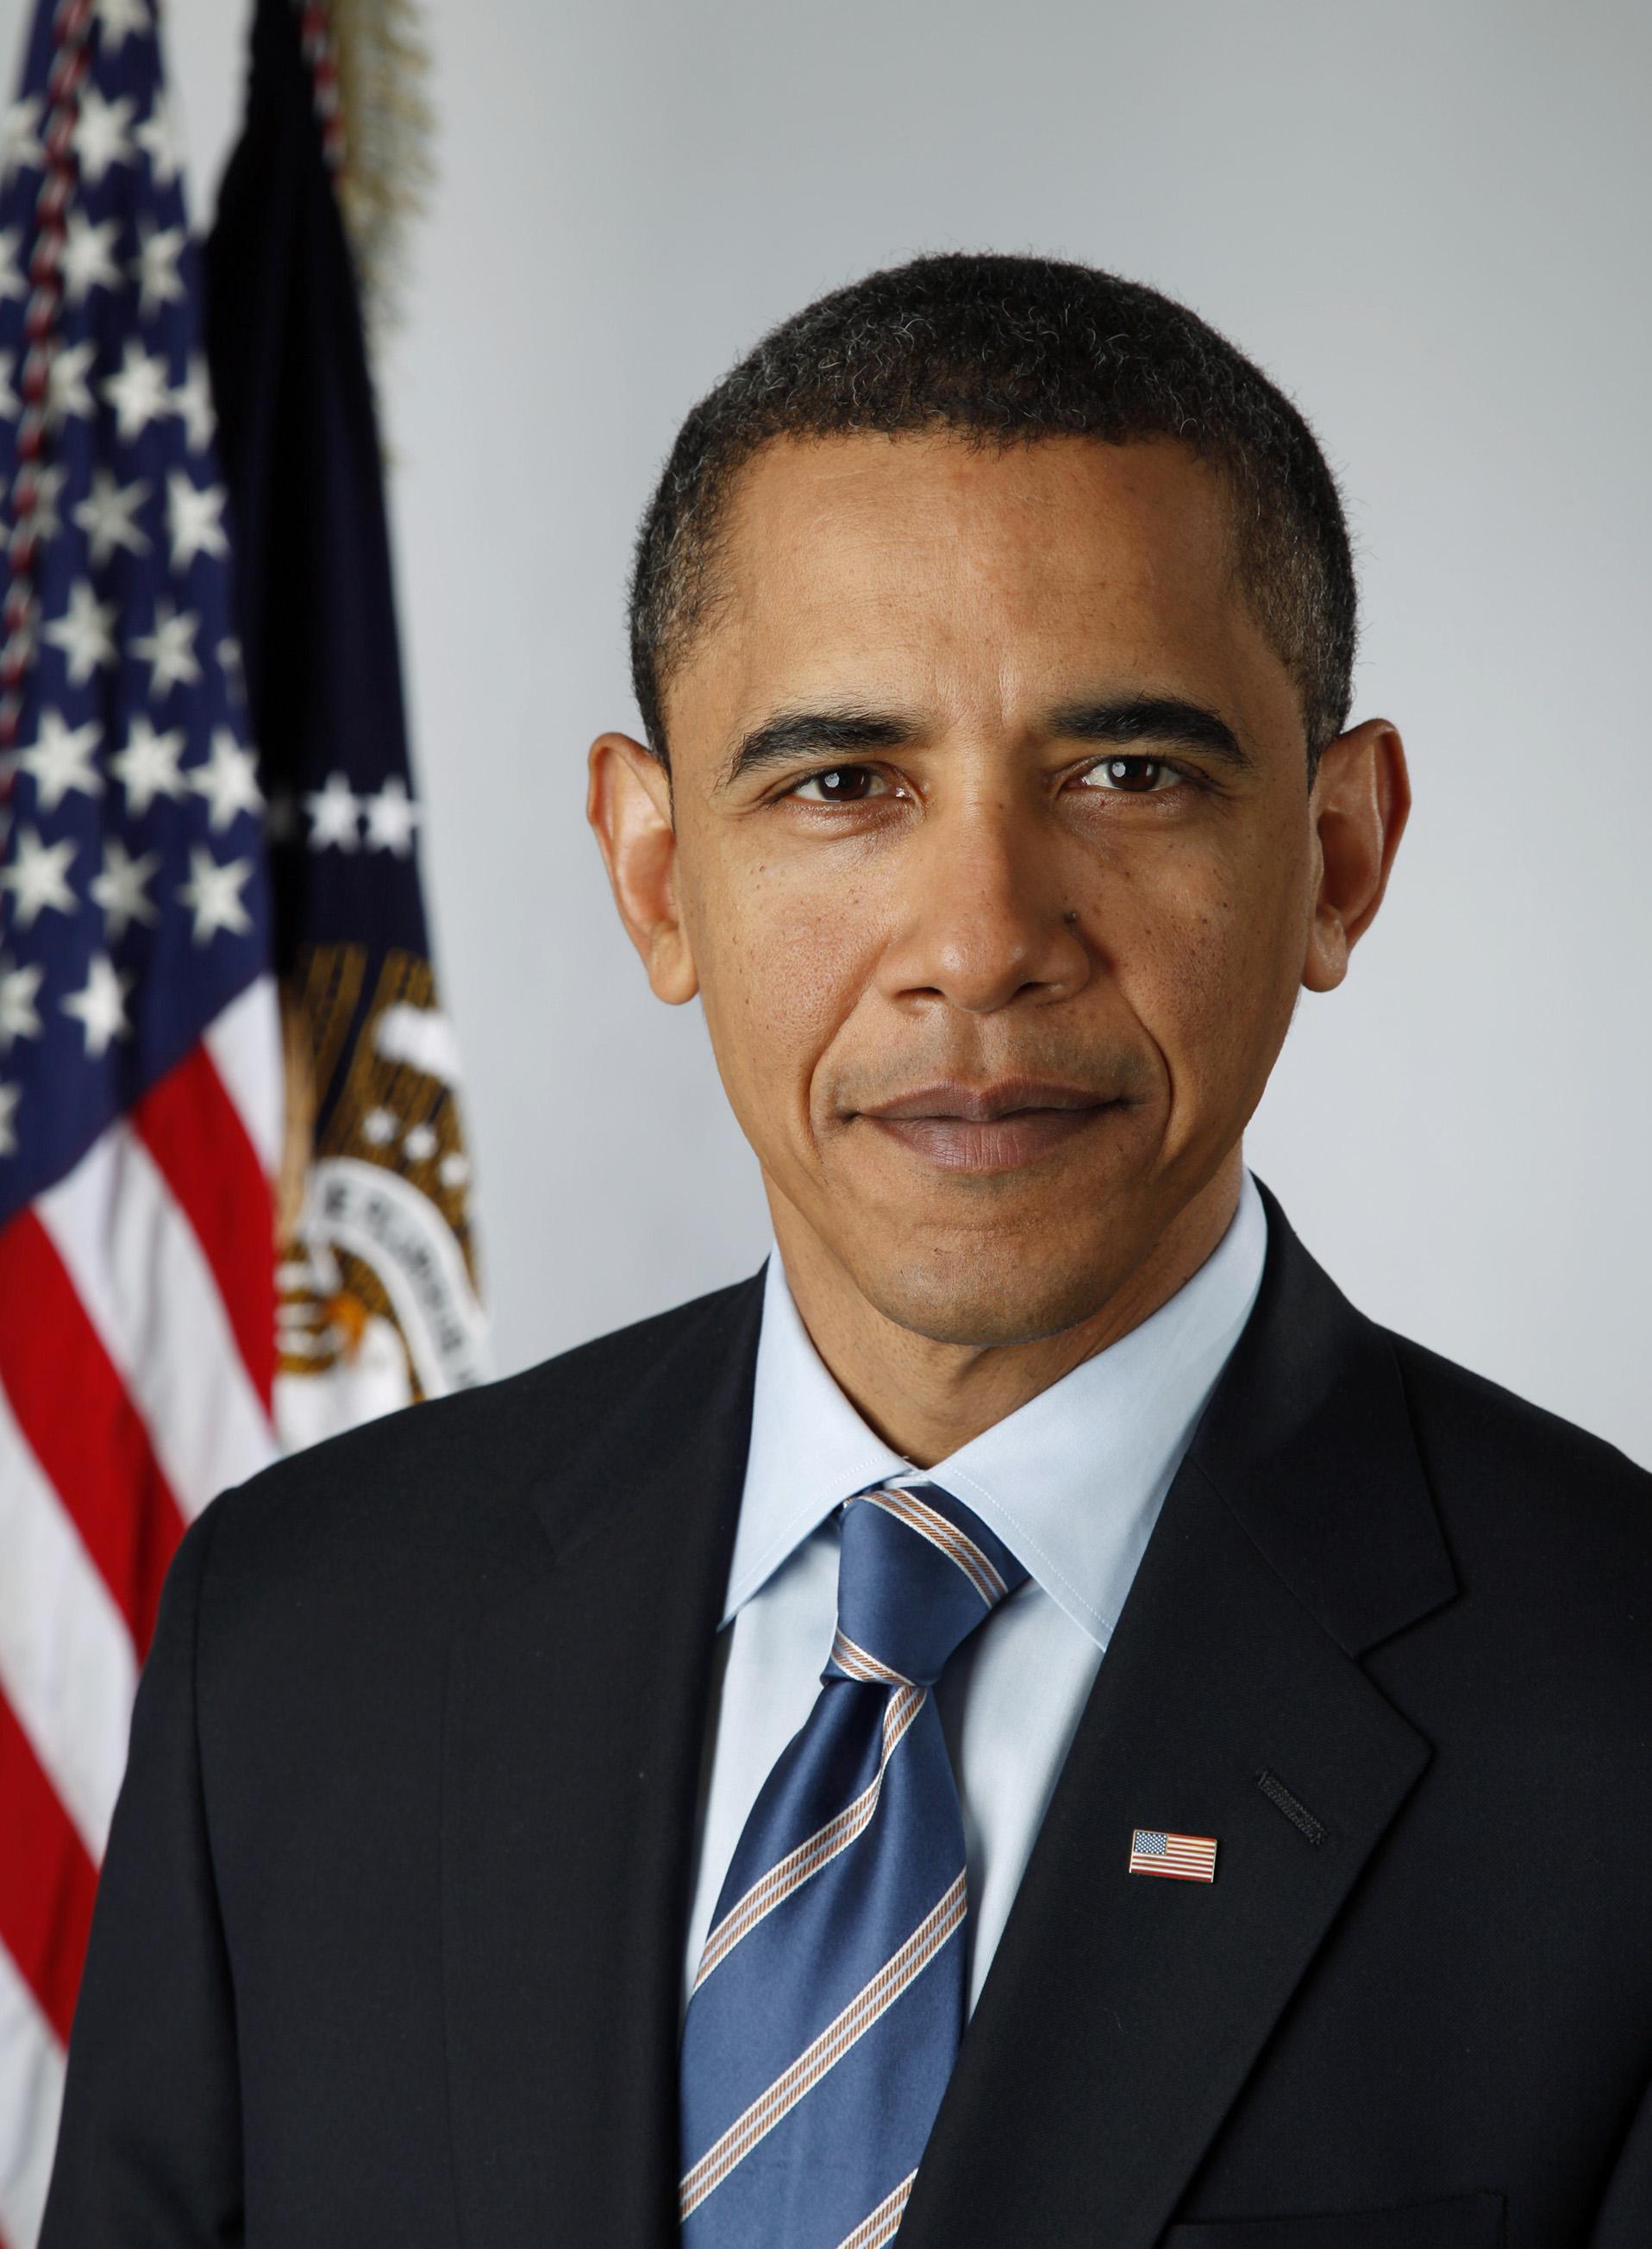 Не всё так плохо при Обаме. Но и хорошего там немного...